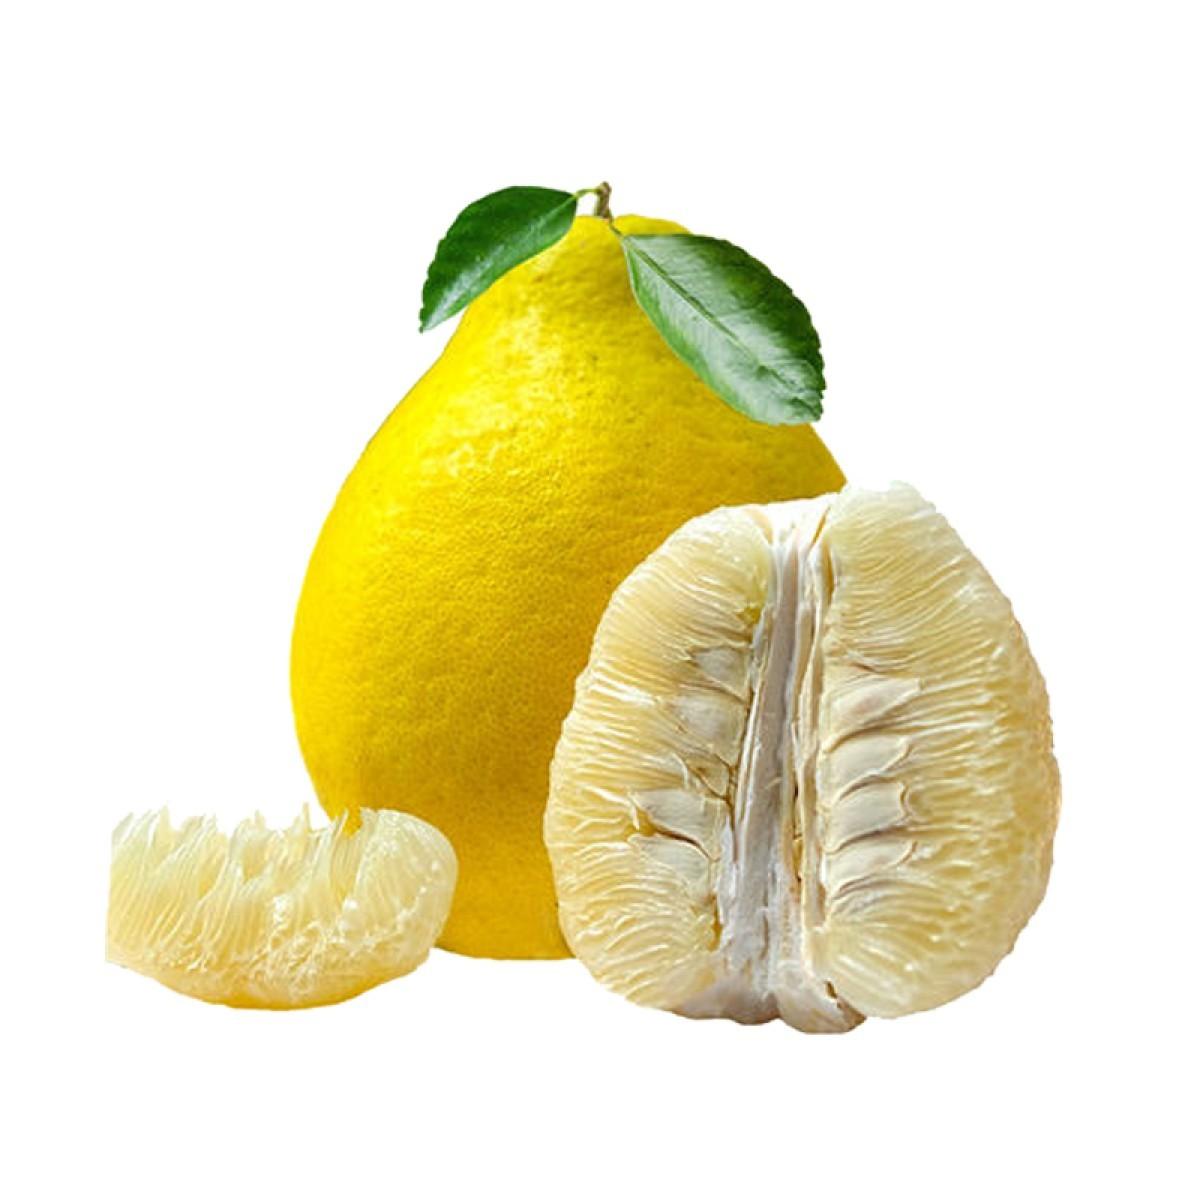 瑶小妞正宗江永香柚湖南永州特产老树纯甜柚子沙田冰糖柚20斤30斤